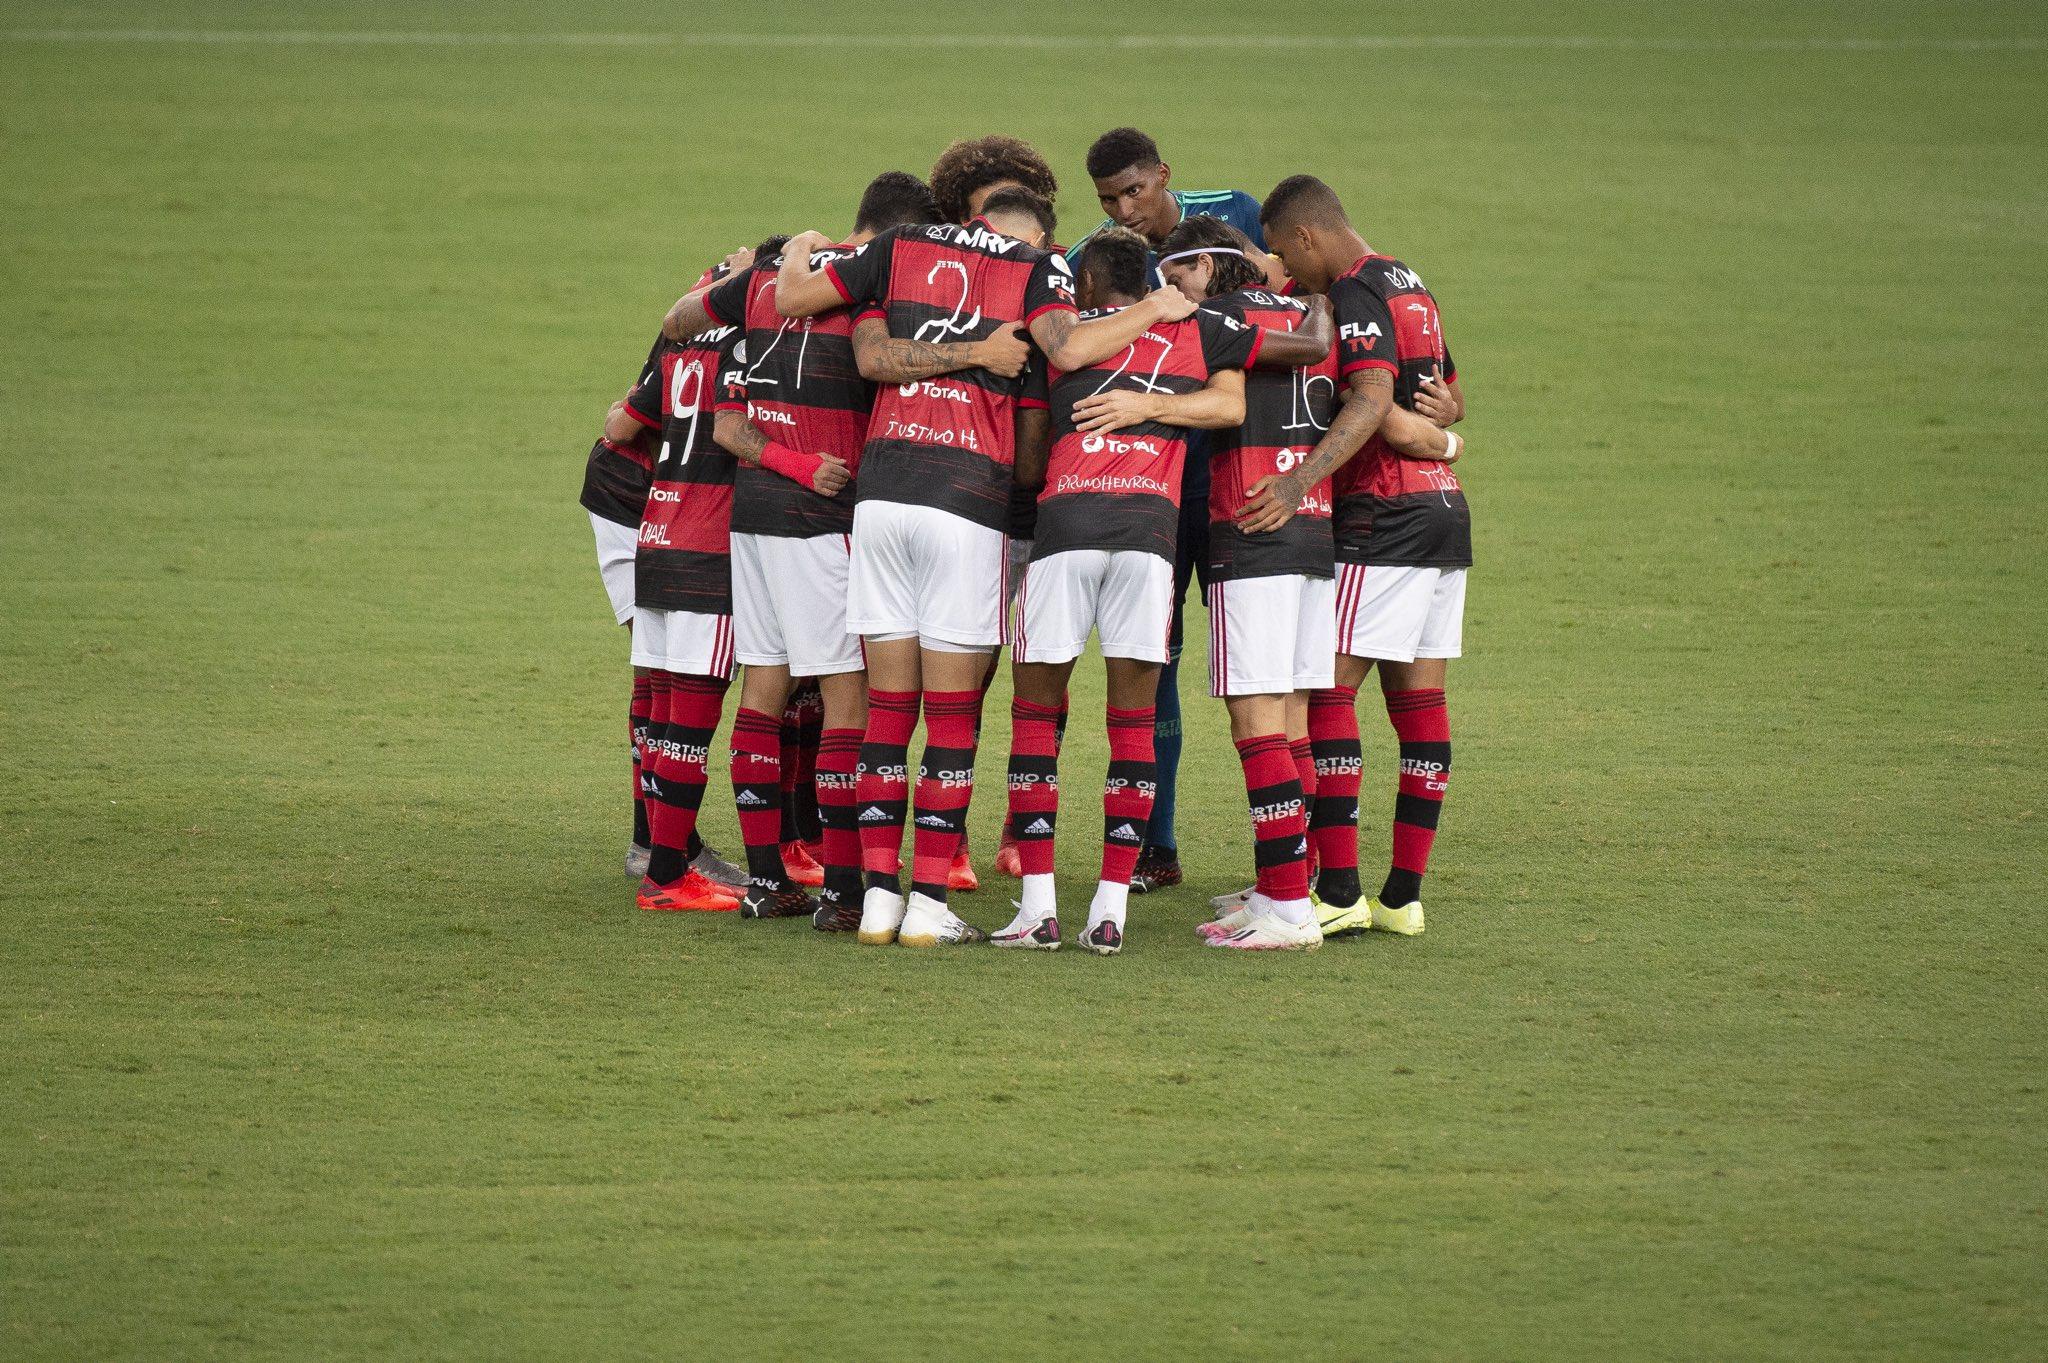 Assista ao melhores momentos da vitória do Flamengo